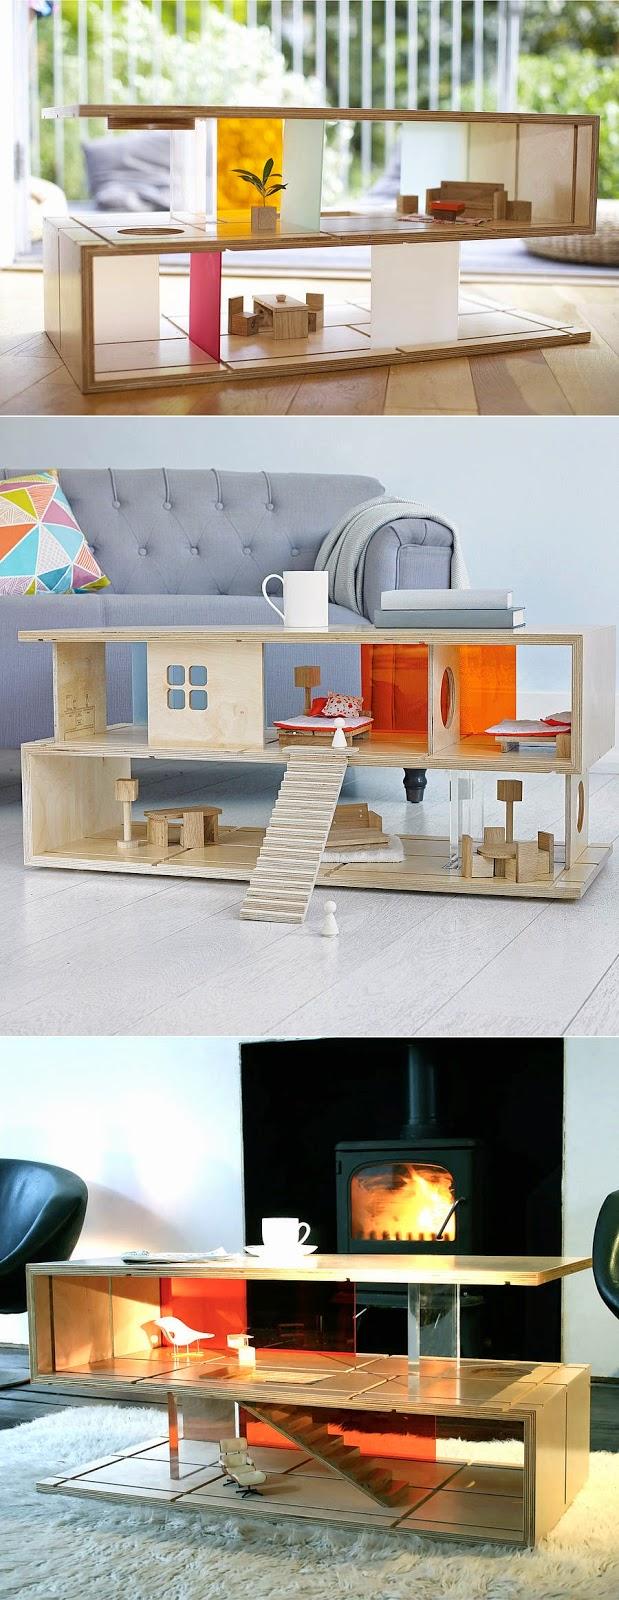 20 bàn Cafe được thiết kế đẹp độc đáo nhất